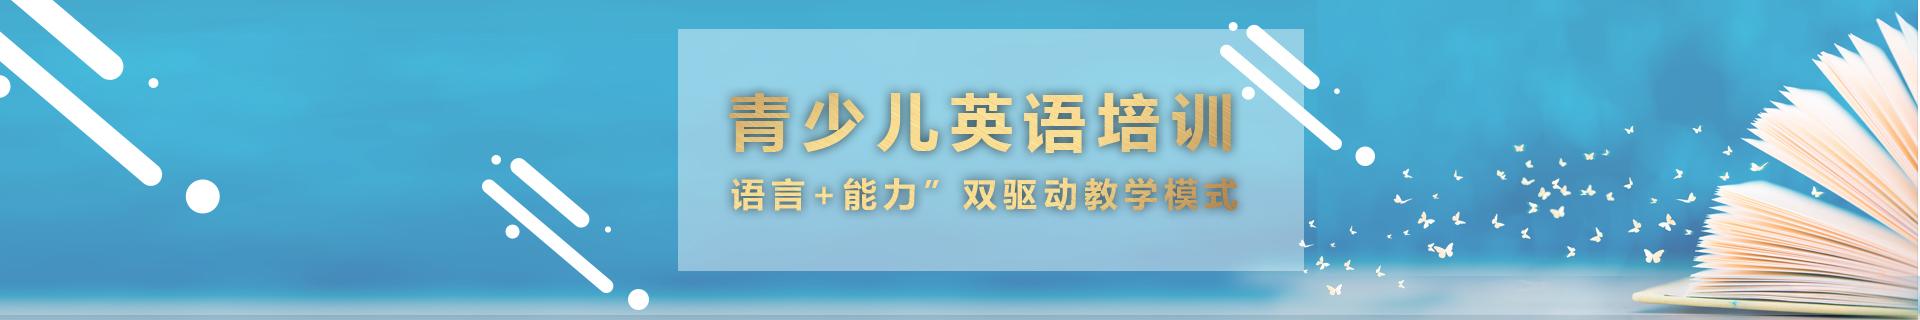 杭州滨江天街中心美联英语培训